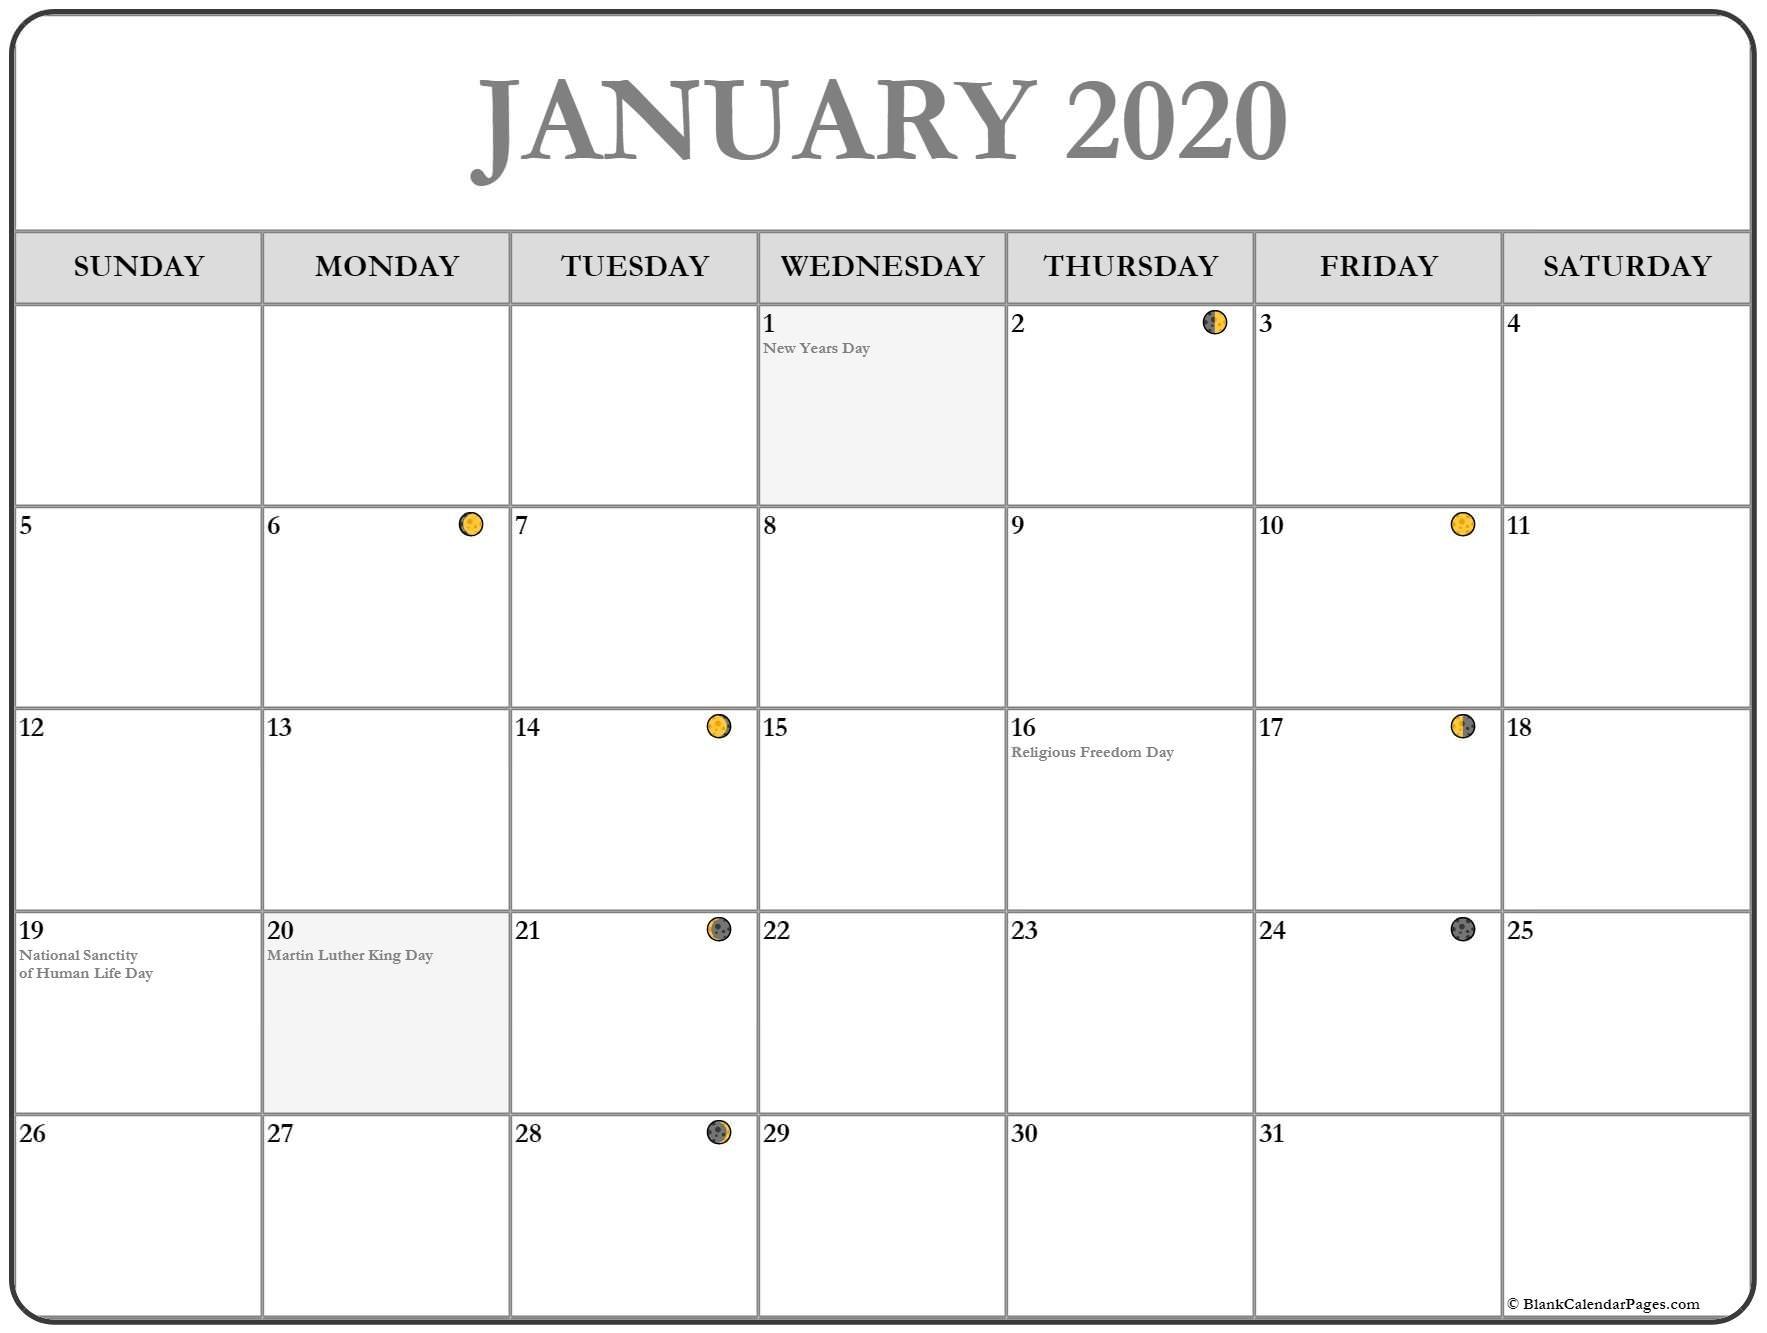 January 2020 Lunar Calendar | Moon Phase Calendar-January 2020 Calendar With Moon Phases